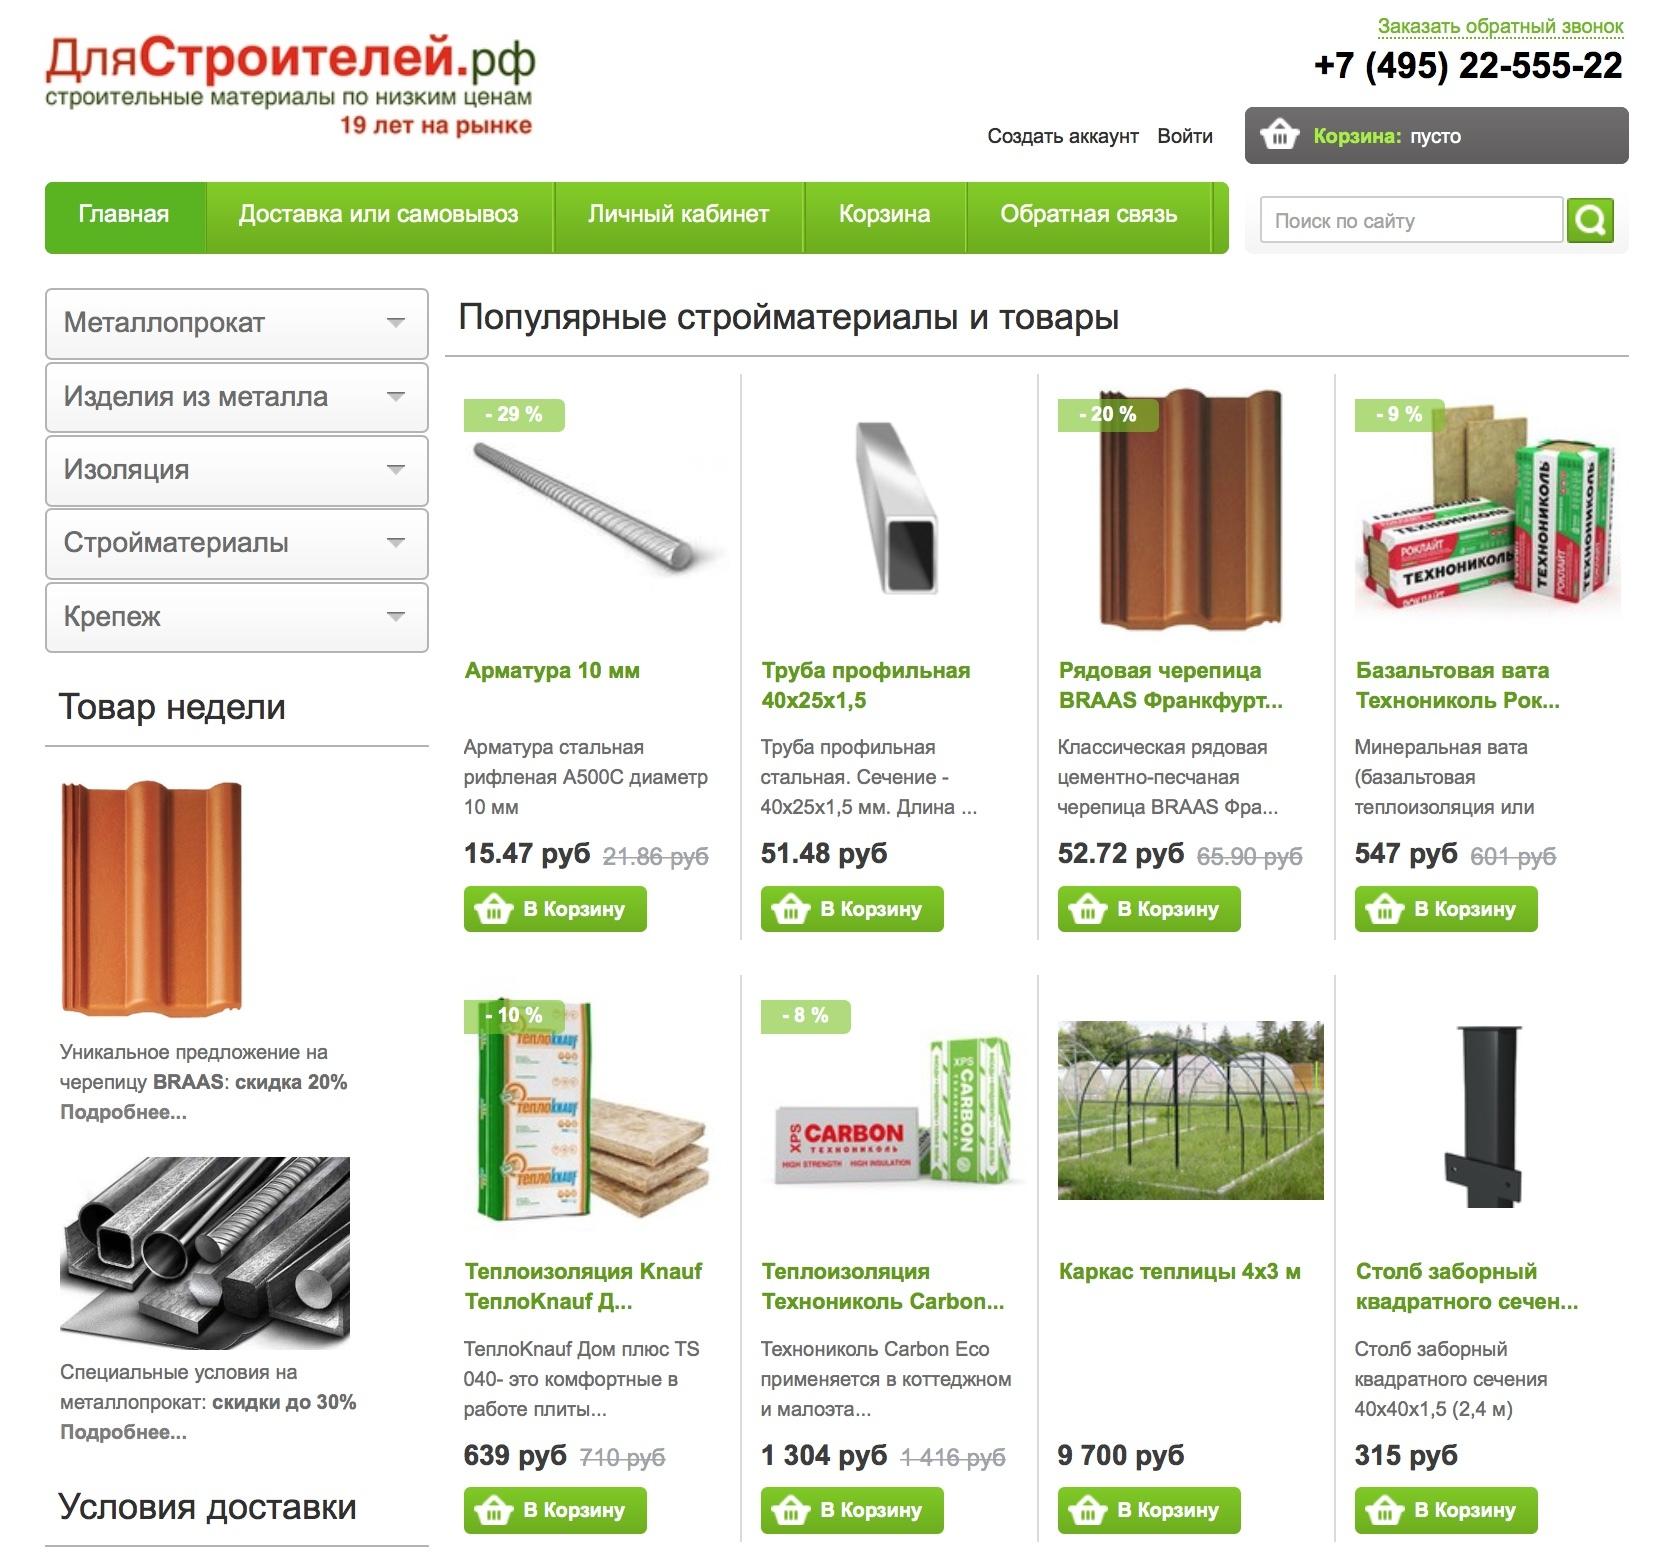 Заокчане могут купить стройматериалы недорого и по интернету